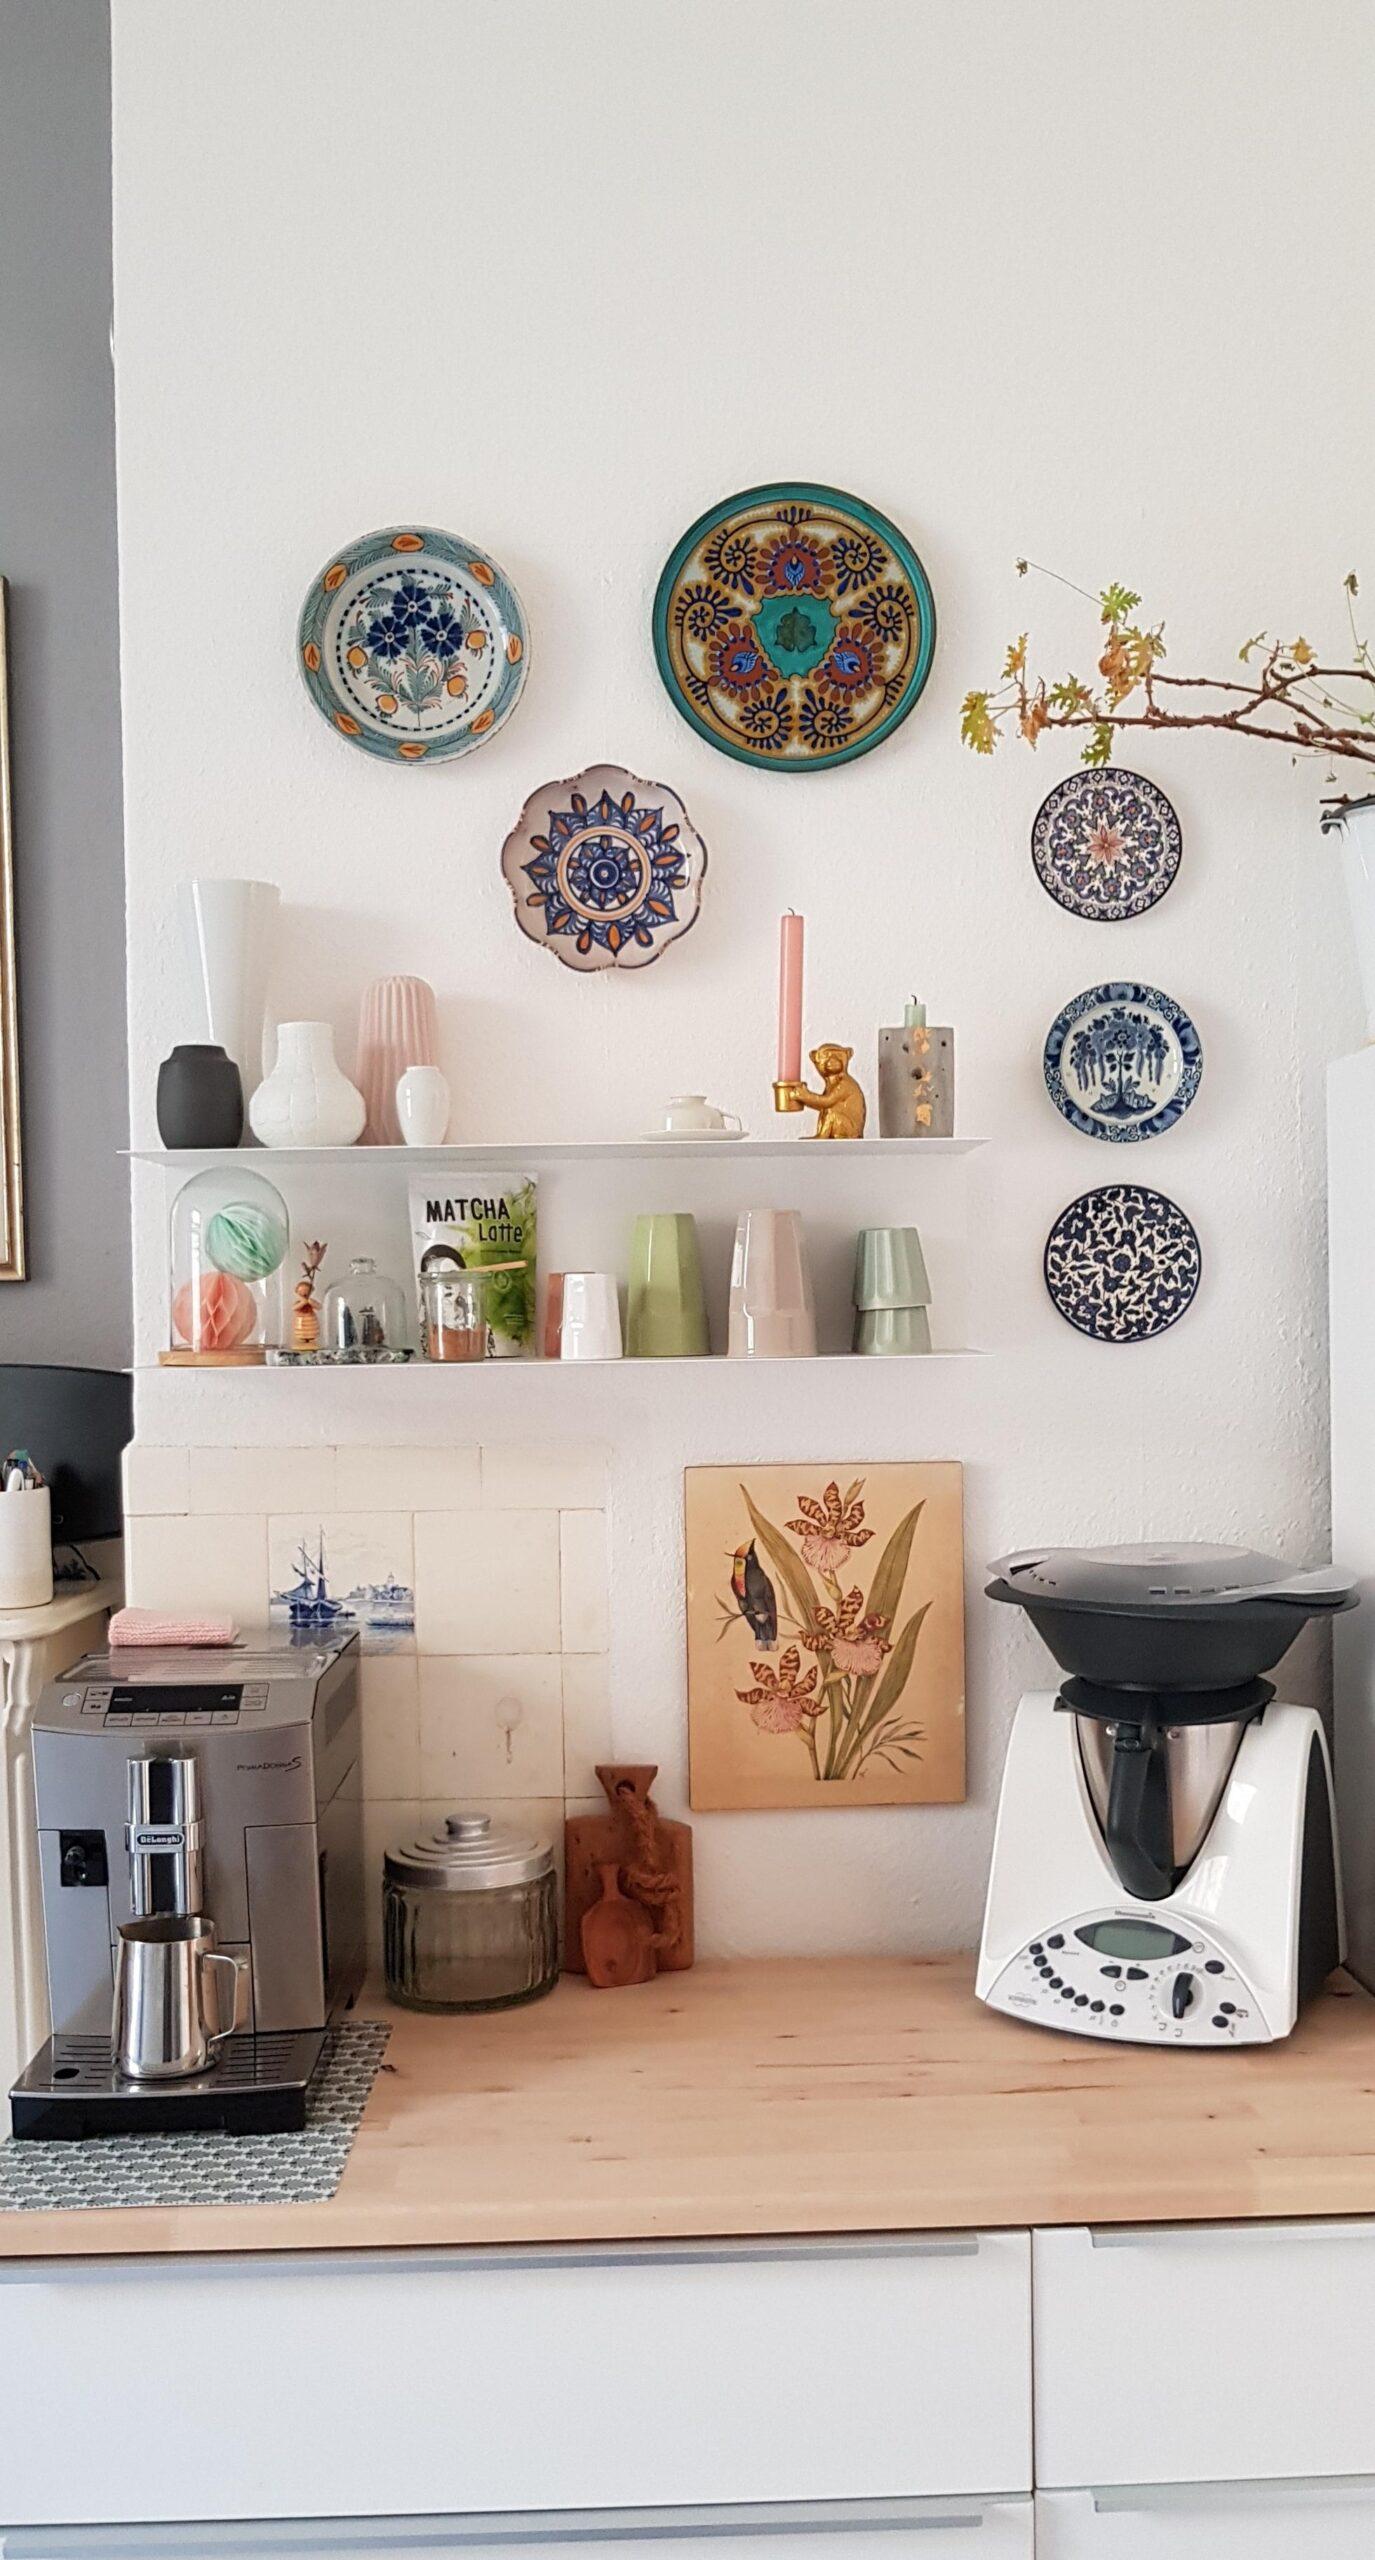 Full Size of Wanddeko Ideen Ldich In Der Community Inspirieren Bad Renovieren Wohnzimmer Tapeten Küche Wohnzimmer Wanddeko Ideen